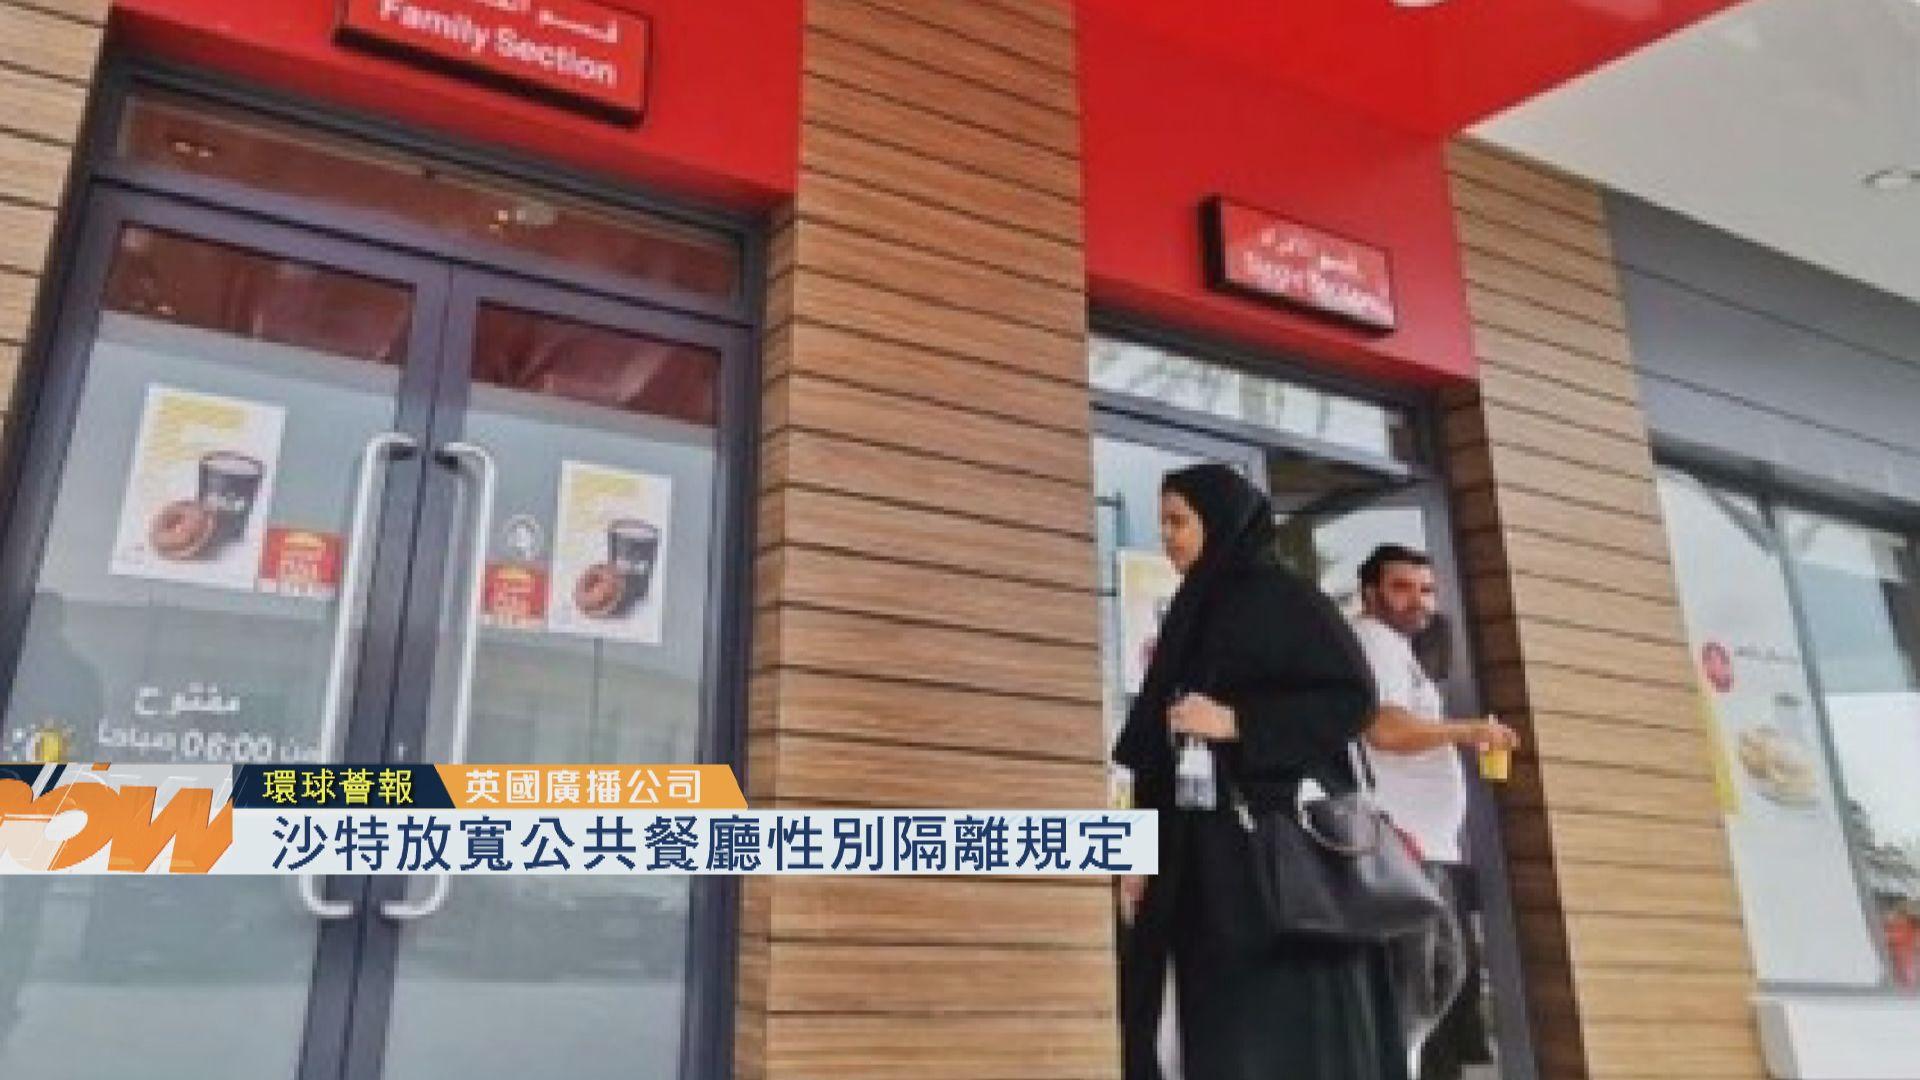 【環球薈報】沙特放寬公共餐廳性別隔離規定